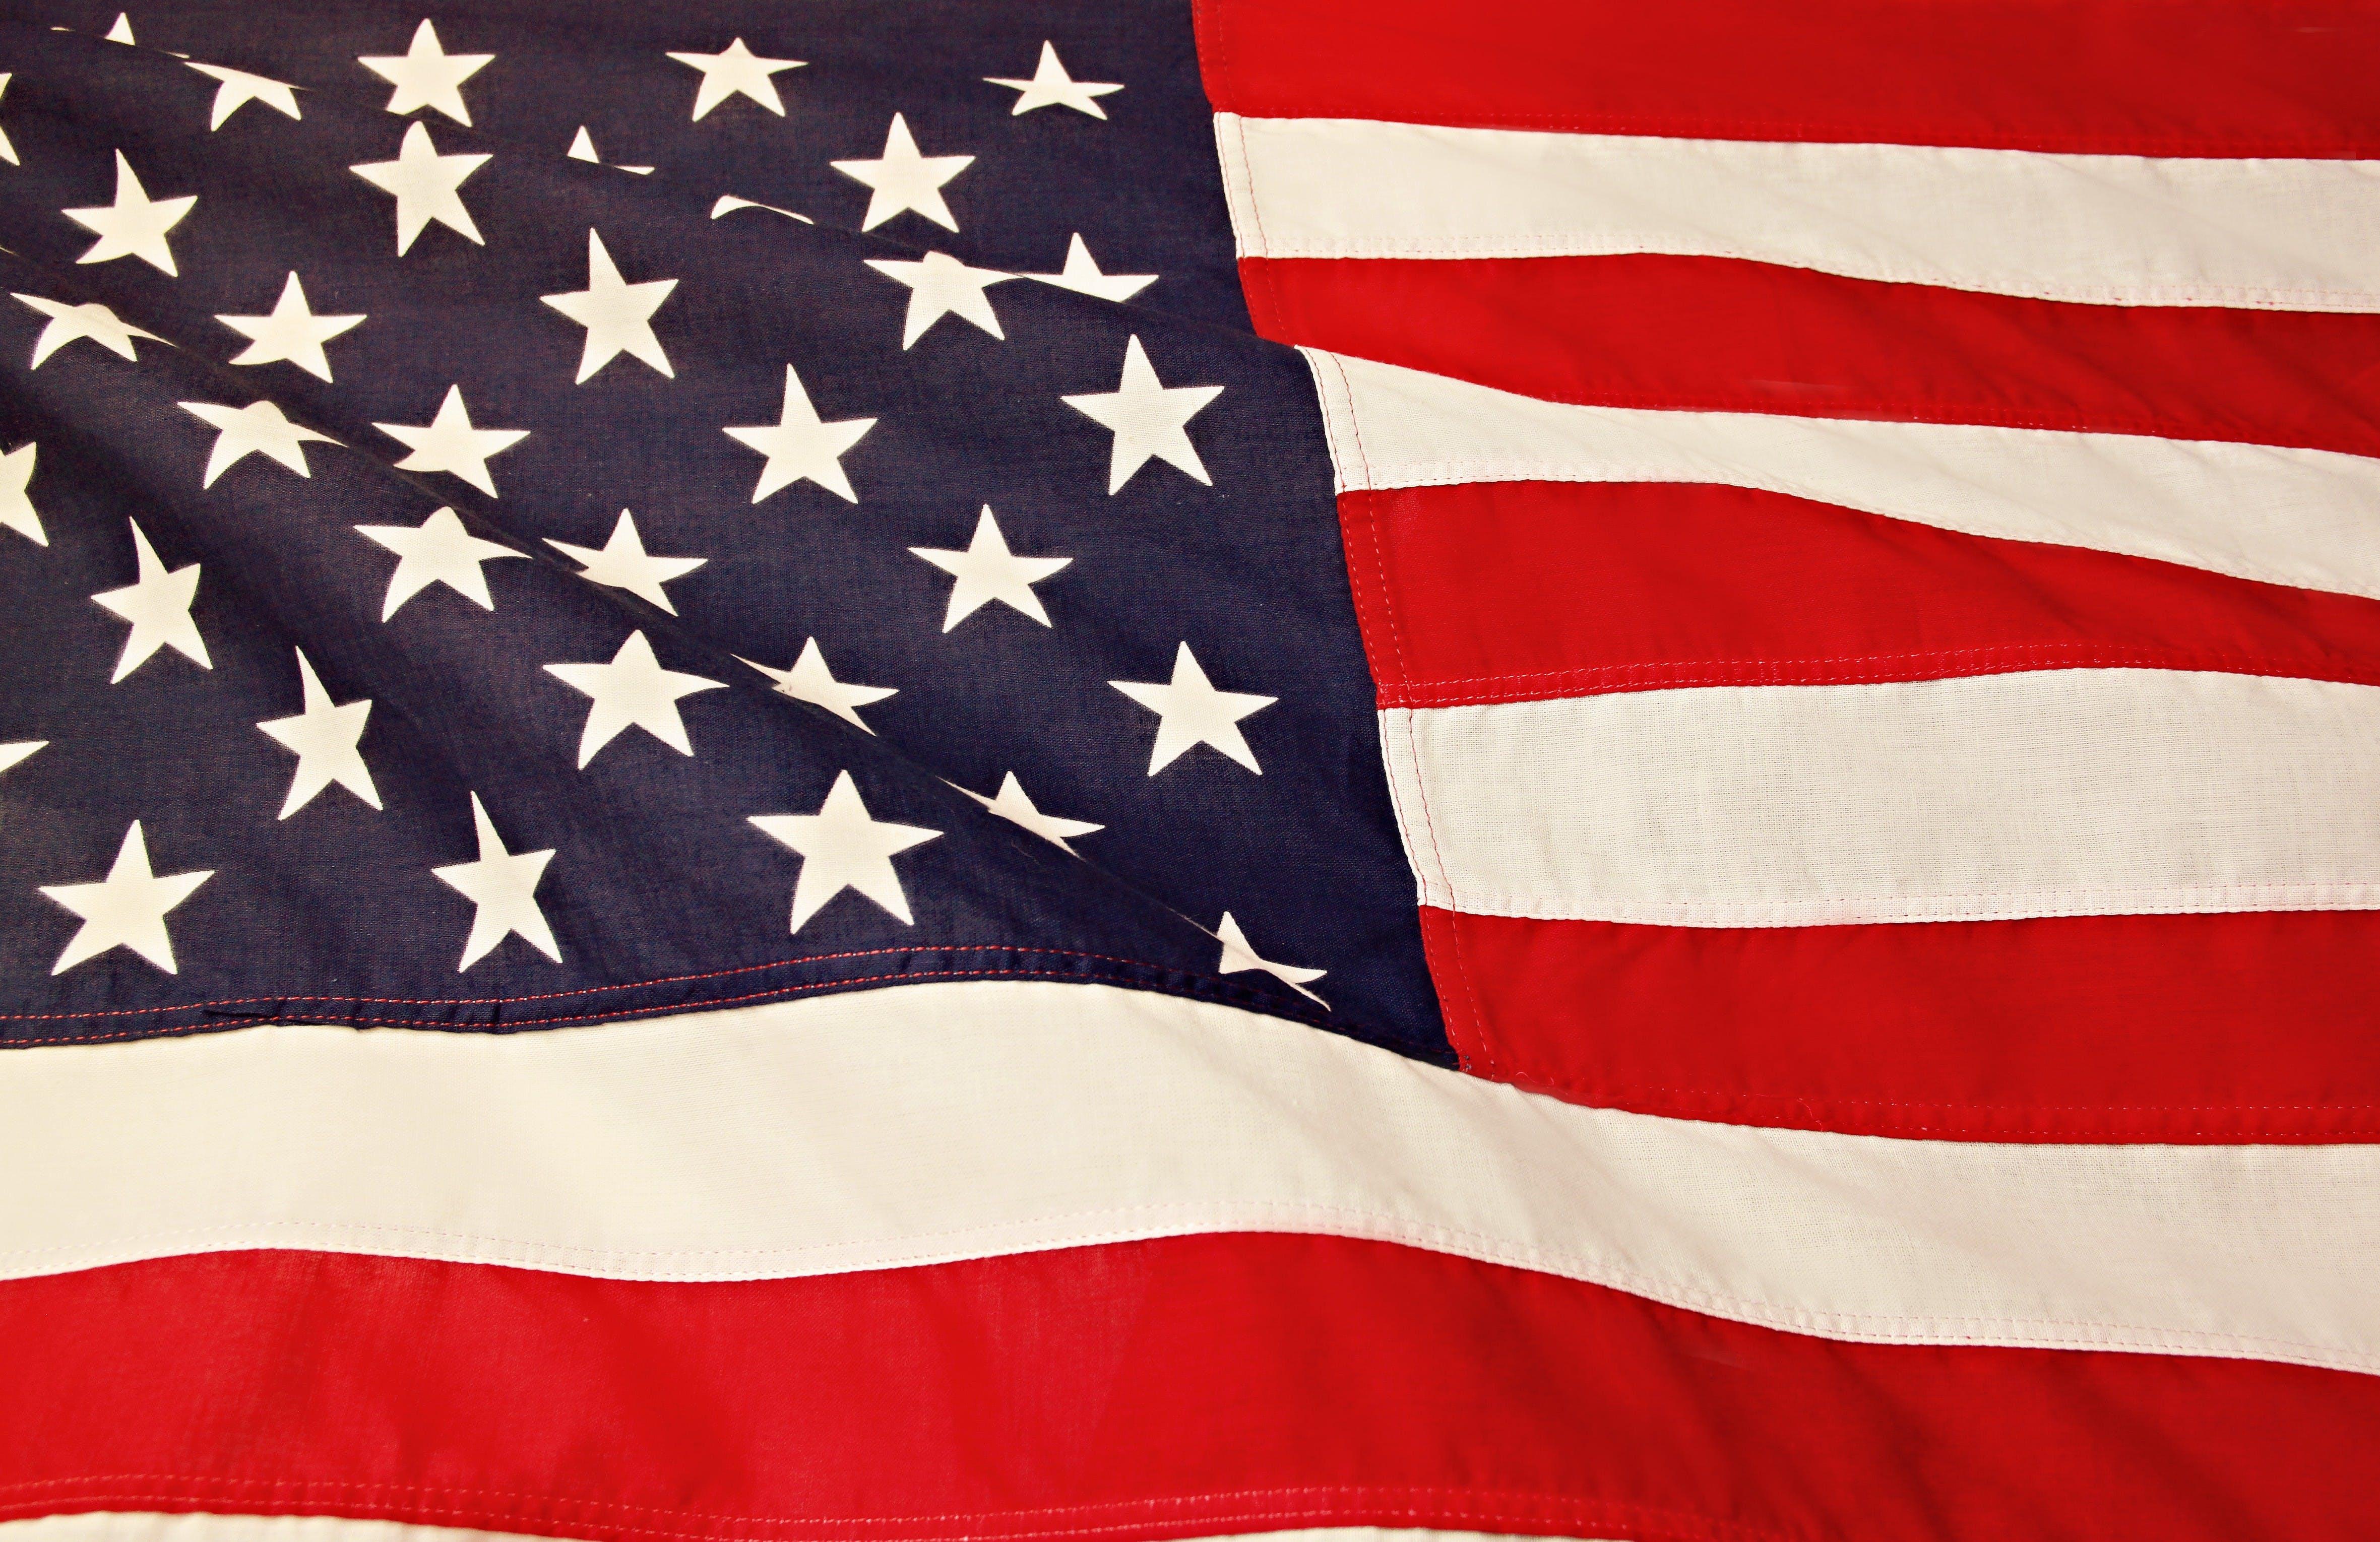 アメリカ, アメリカの国旗, シンボル, 名誉の